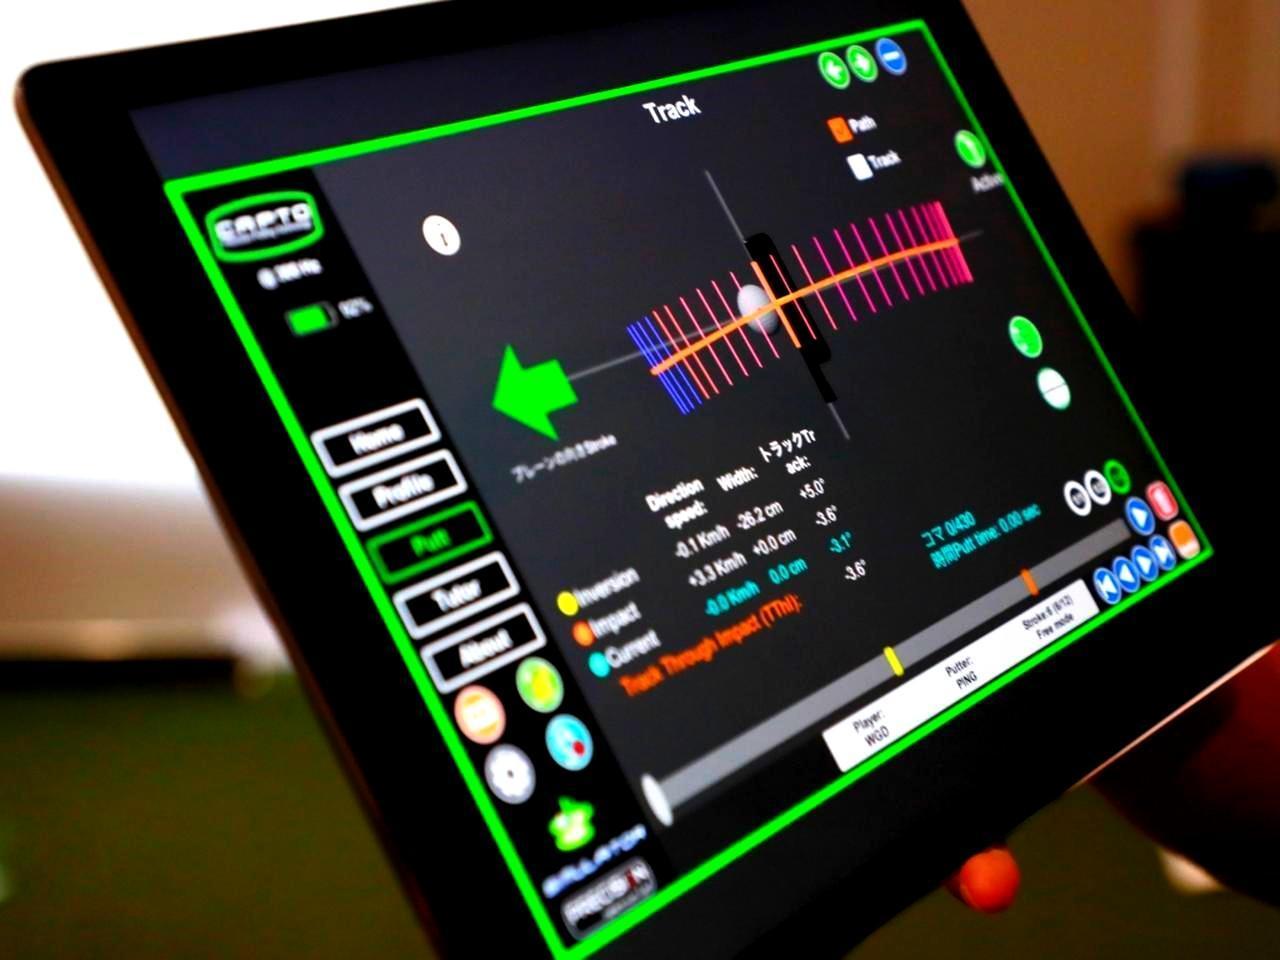 画像: パッティング解析システム「CAPTO」